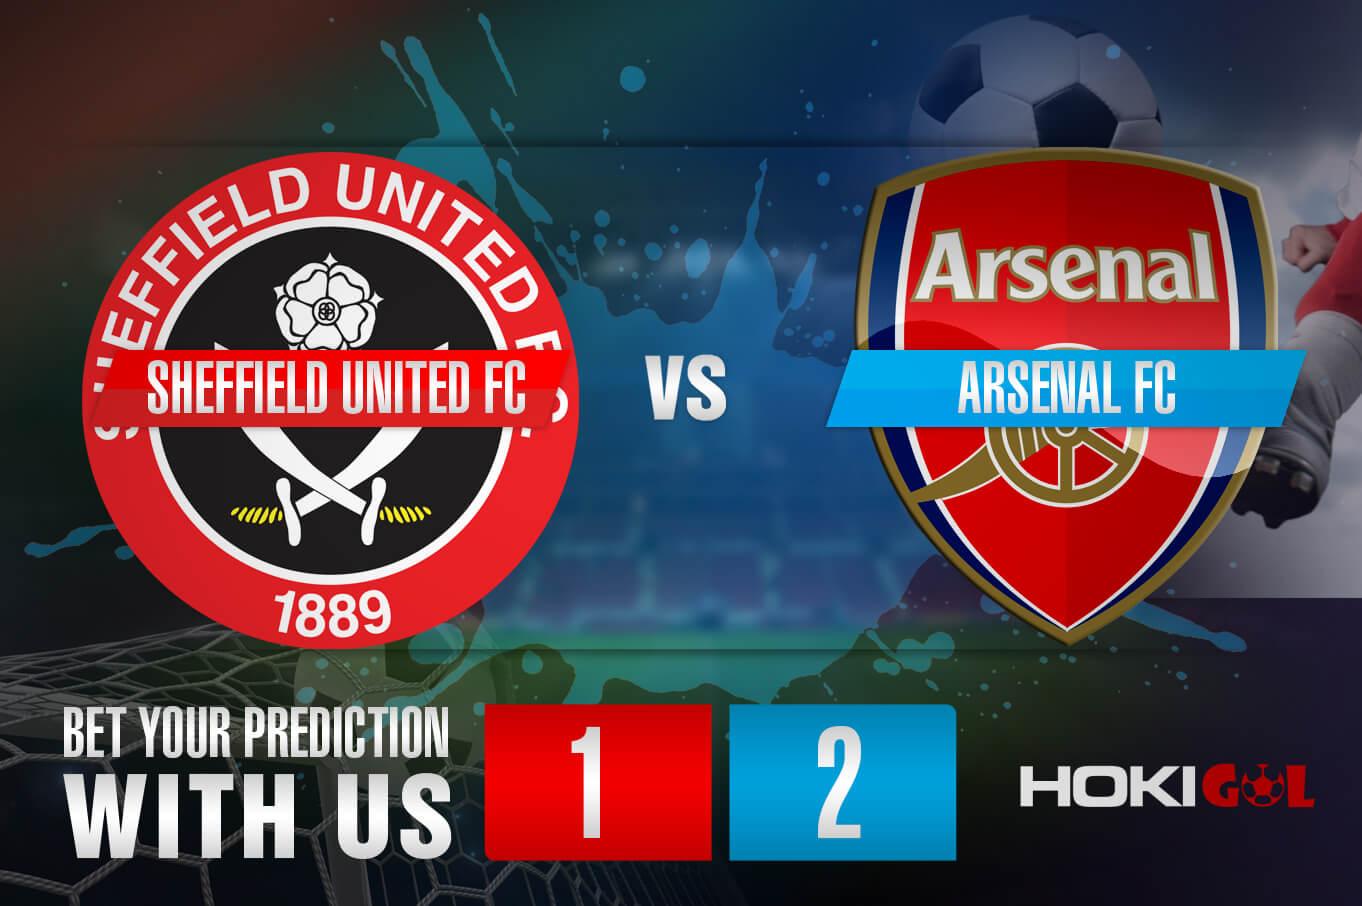 Prediksi Bola Sheffield United FC Vs Arsenal FC 12 April 2021